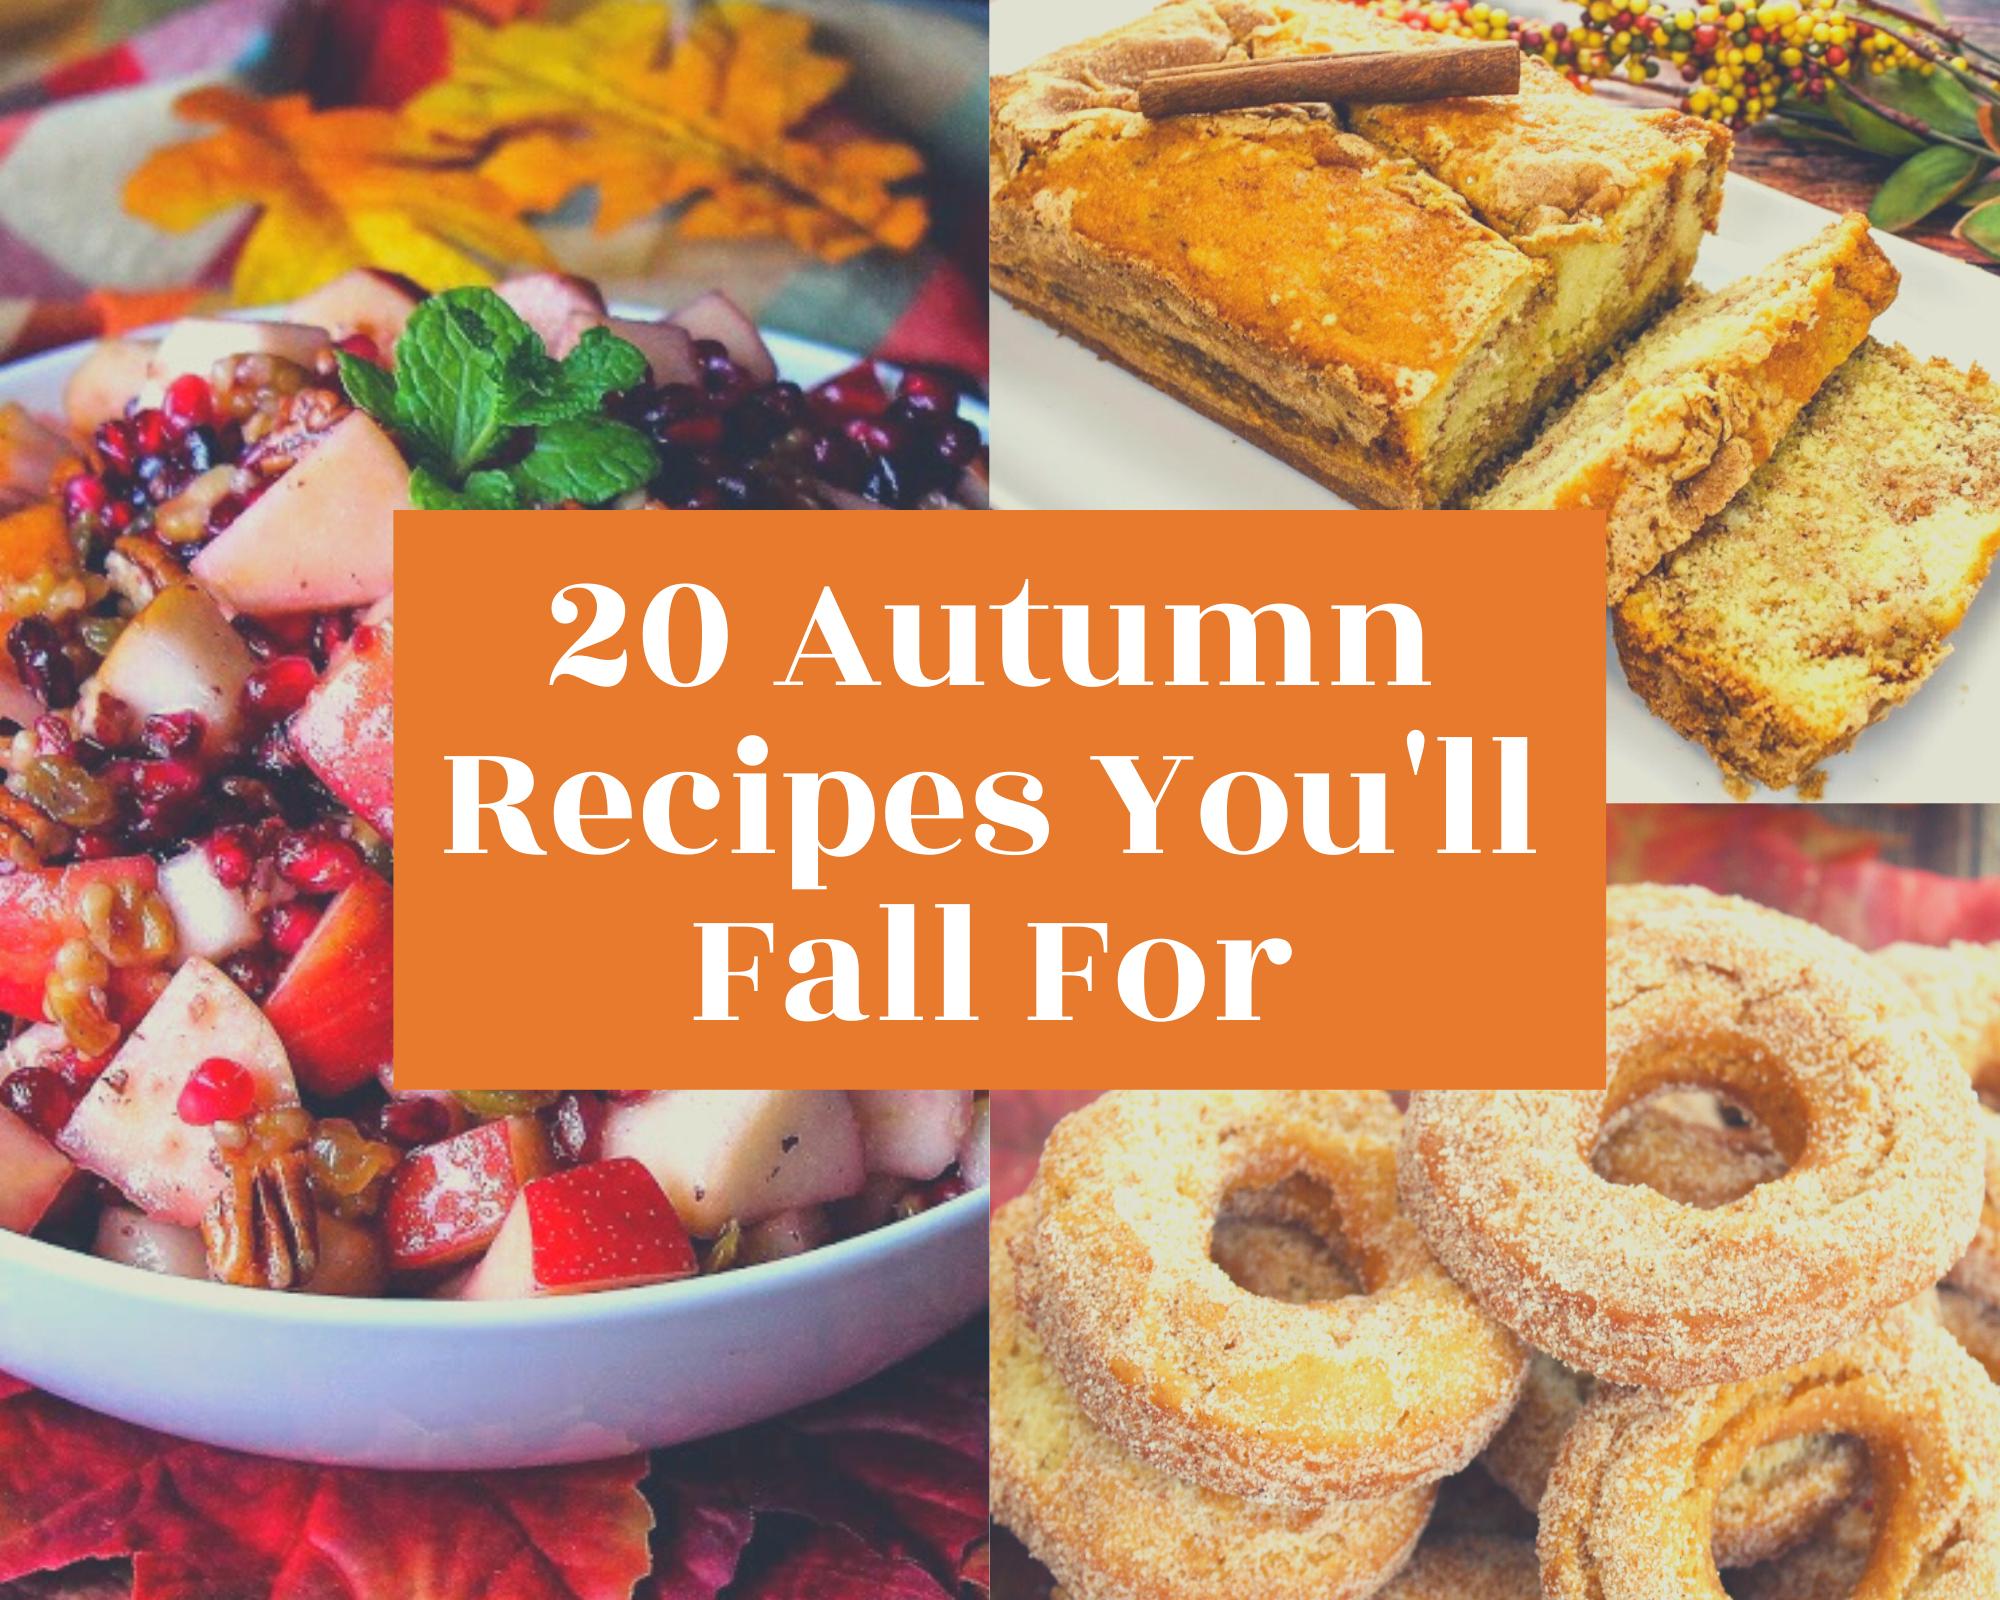 20 autumn recipes